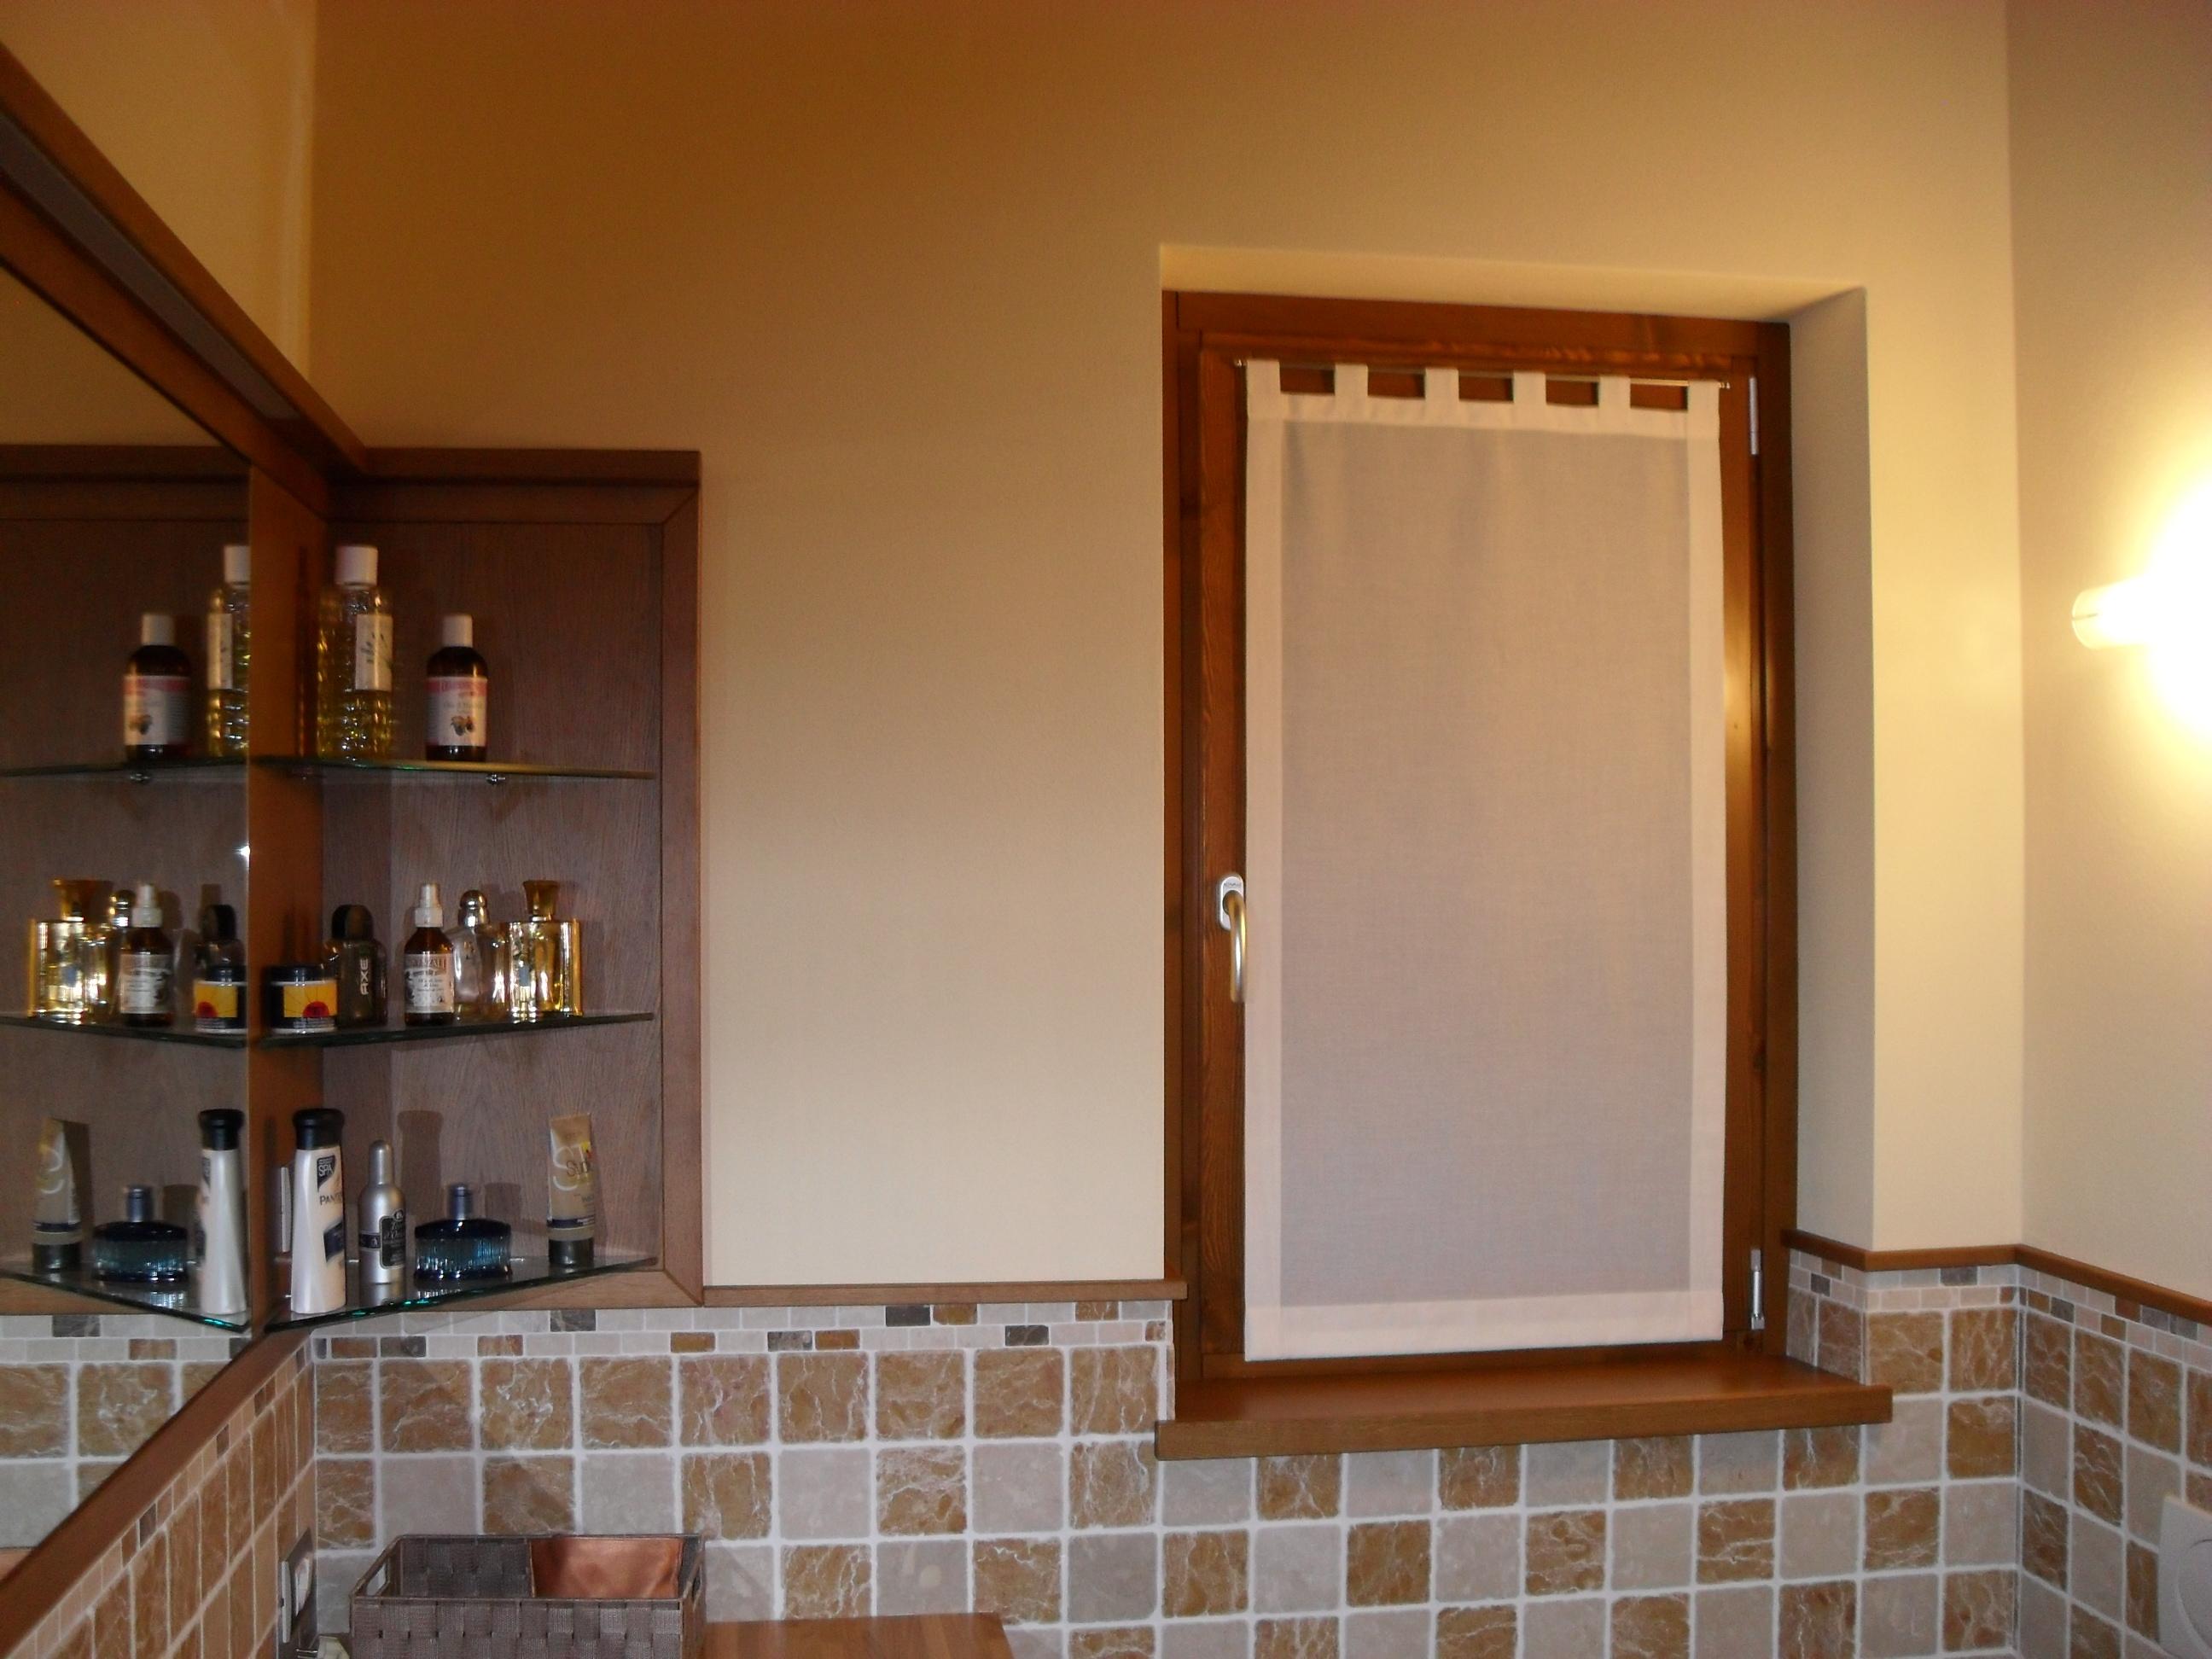 Prodotti tessilcasa arreda correda - Tende per bagno a vetro ...